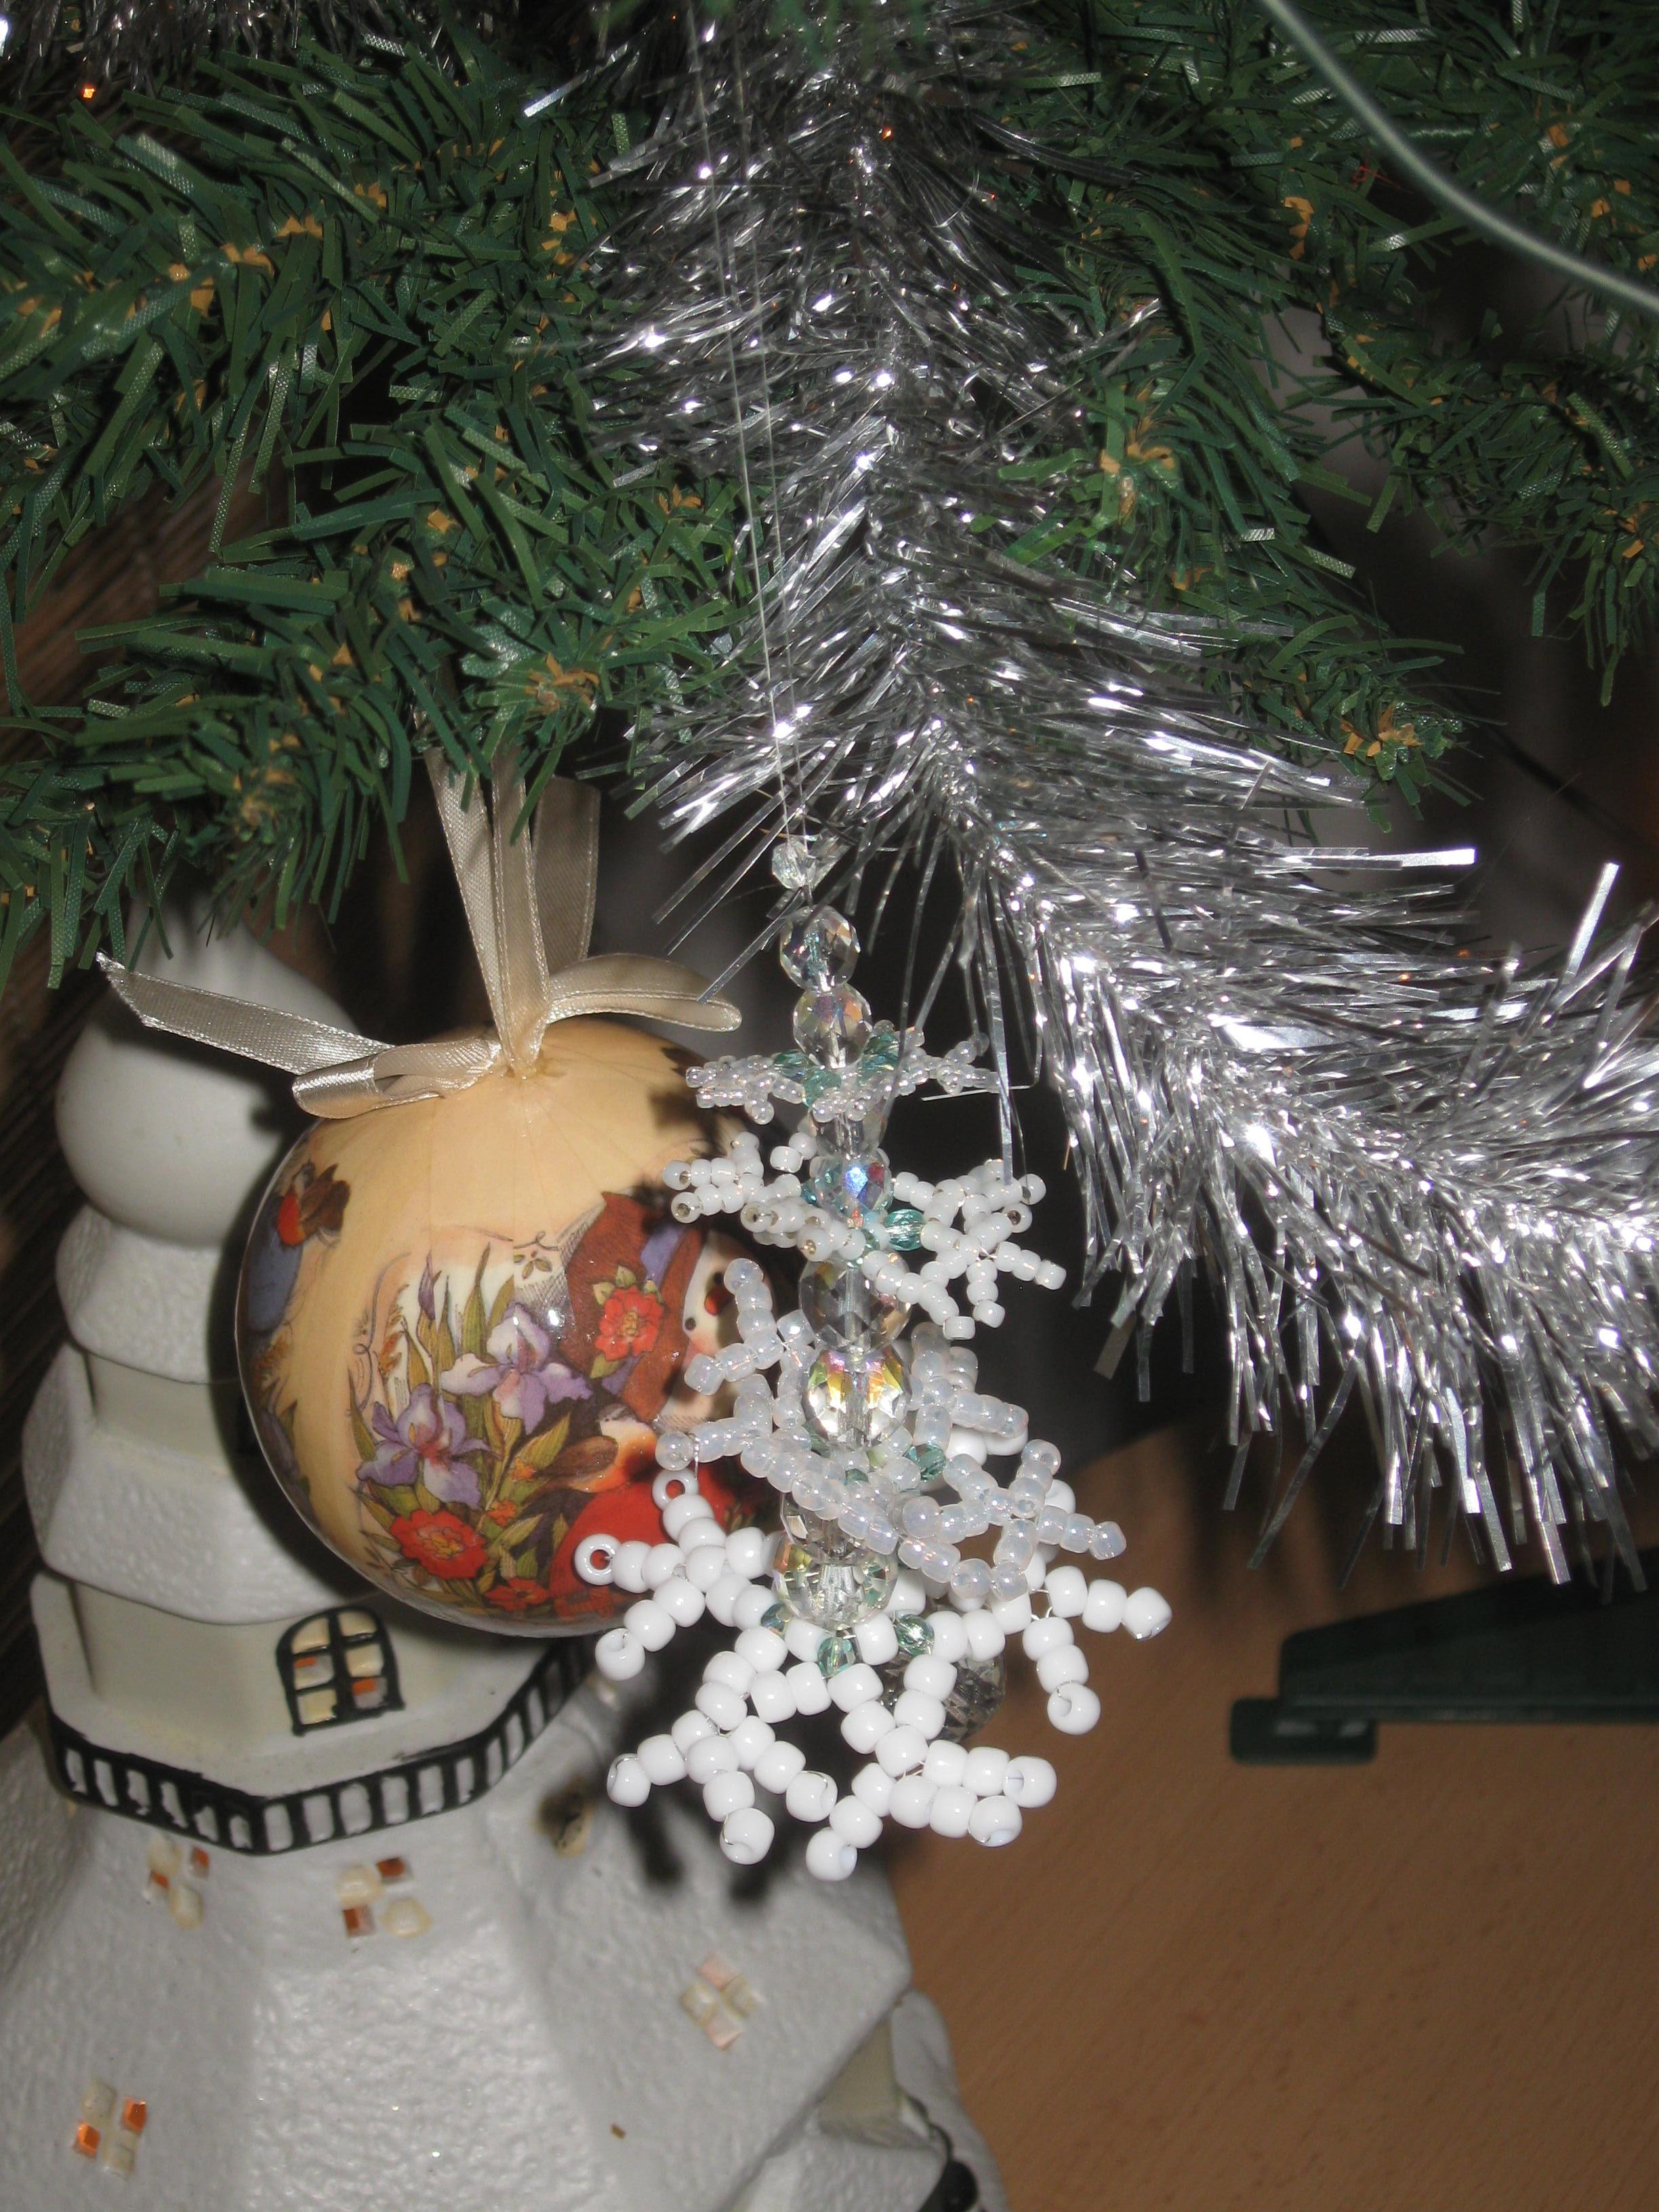 Wann kommt die weihnachtsdeko weg